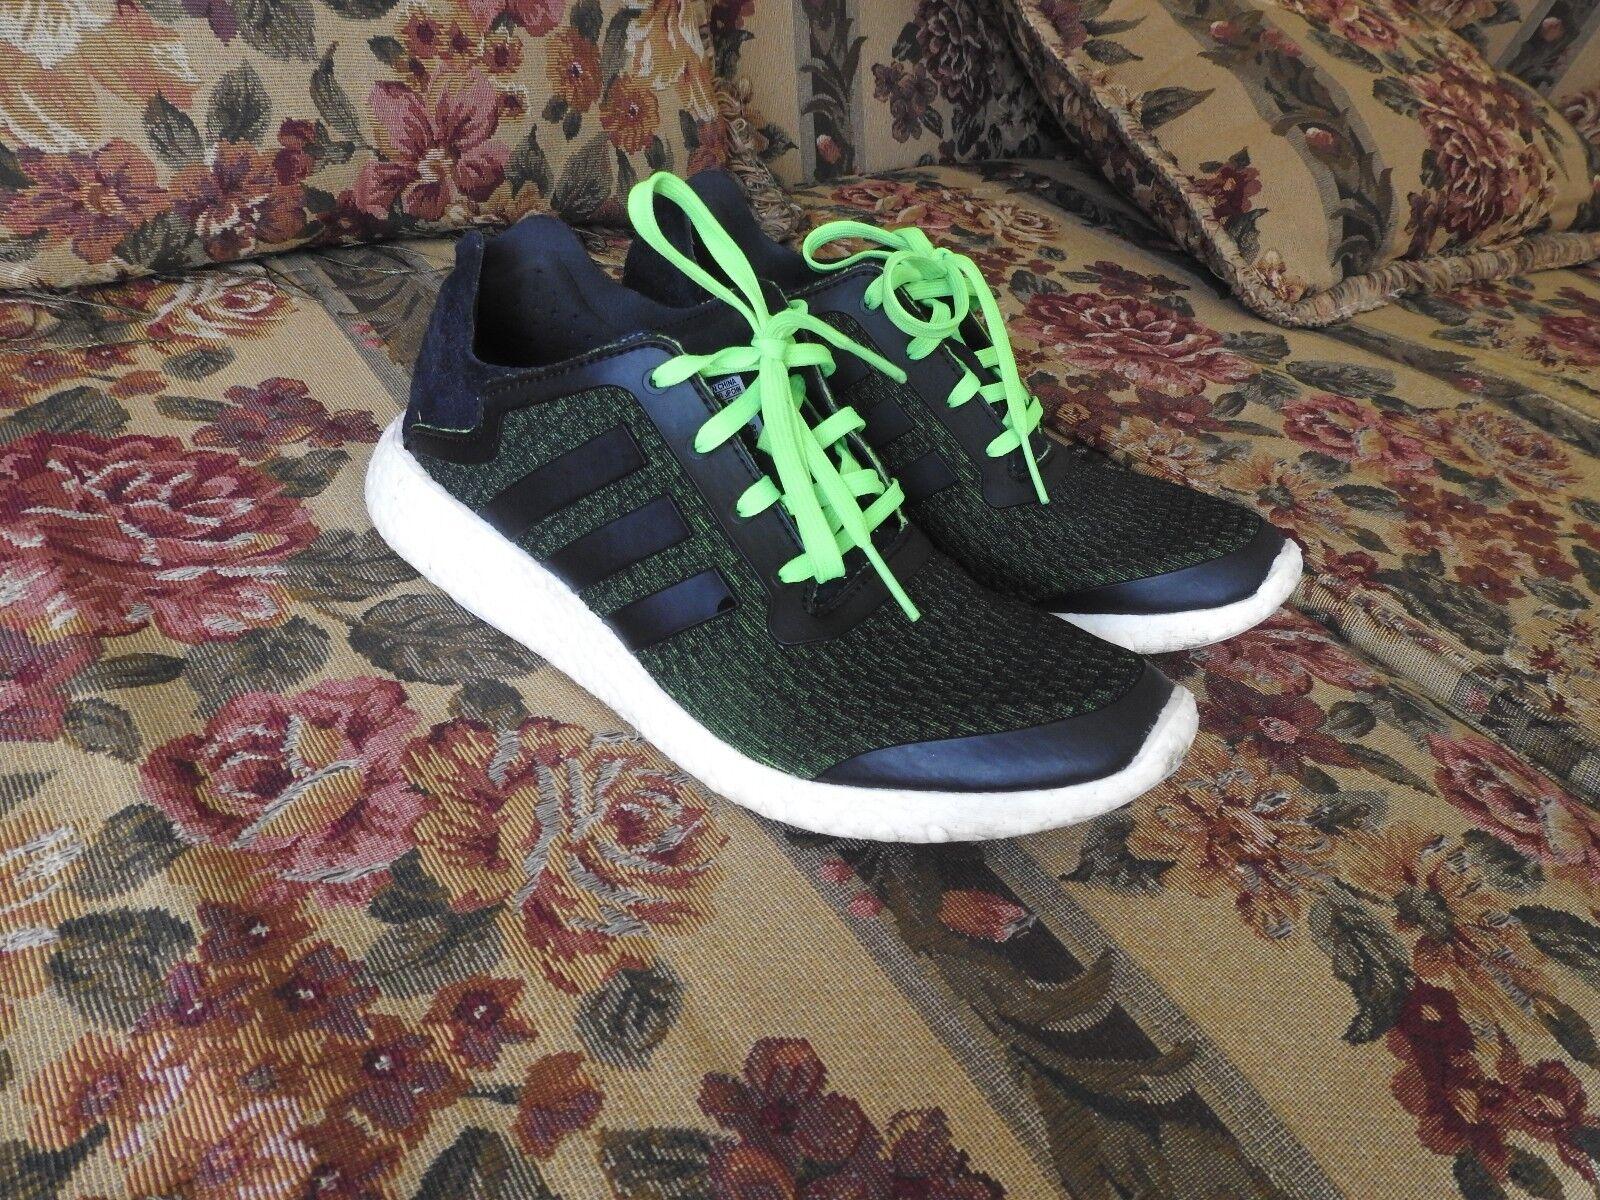 Adidas Pure Boost tamaño 9,5 revelan pureboost zapatos para correr zapatos el mas popular de zapatos correr para hombres y mujeres 471afc